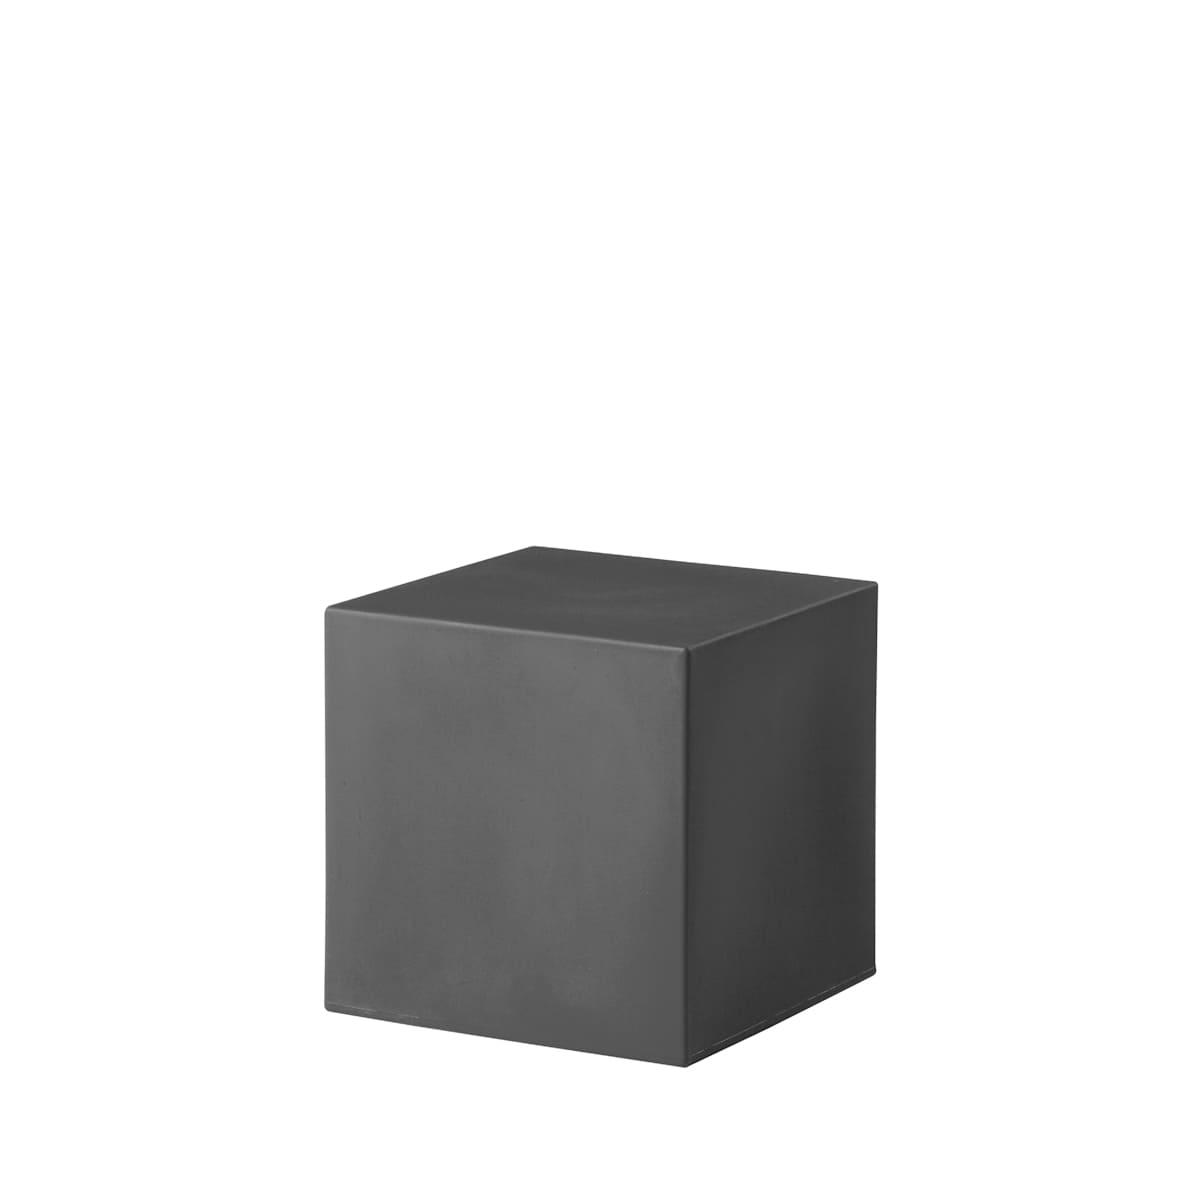 Graue cube würfel Bunte Wuerfel Outdoor - Cube Würfel beleuchtet